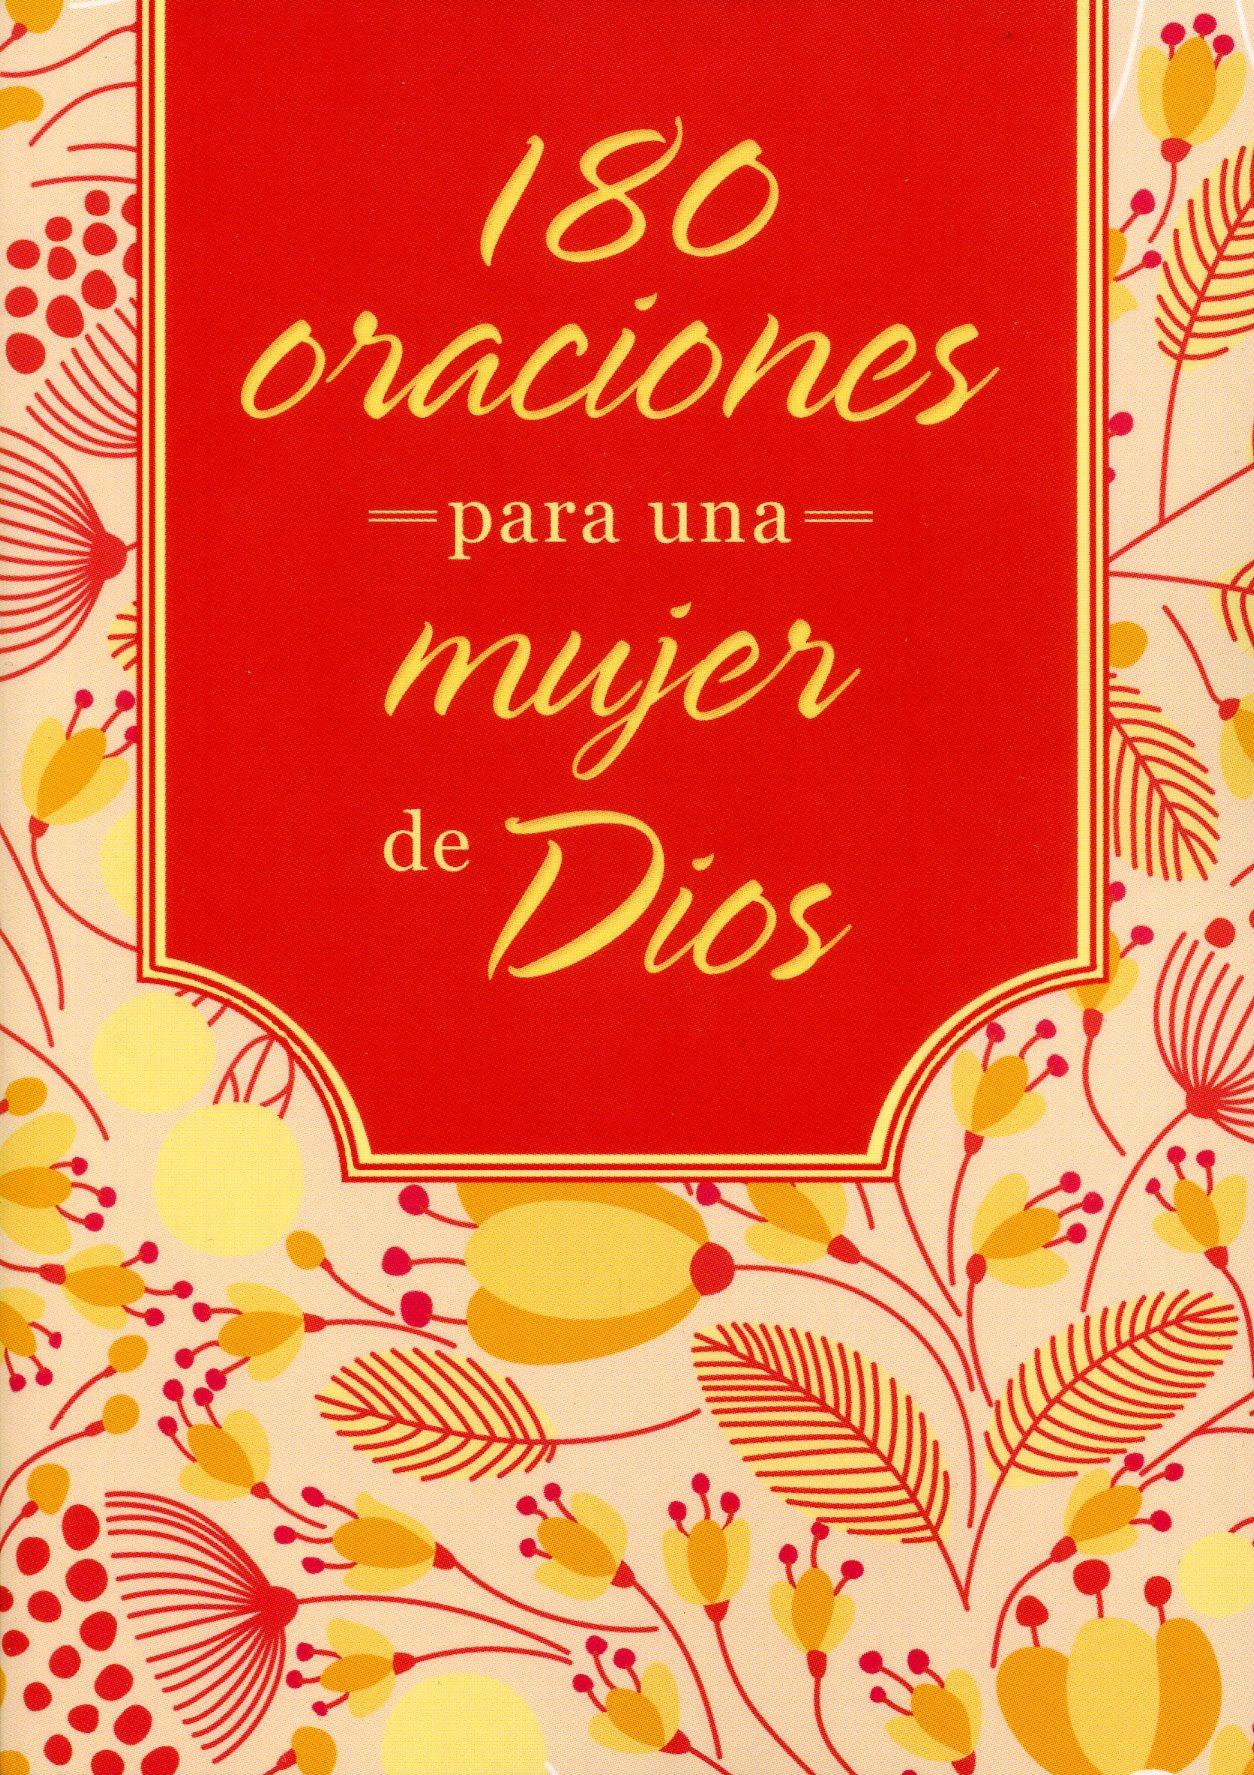 180 Oraciones para la Mujer de Dios